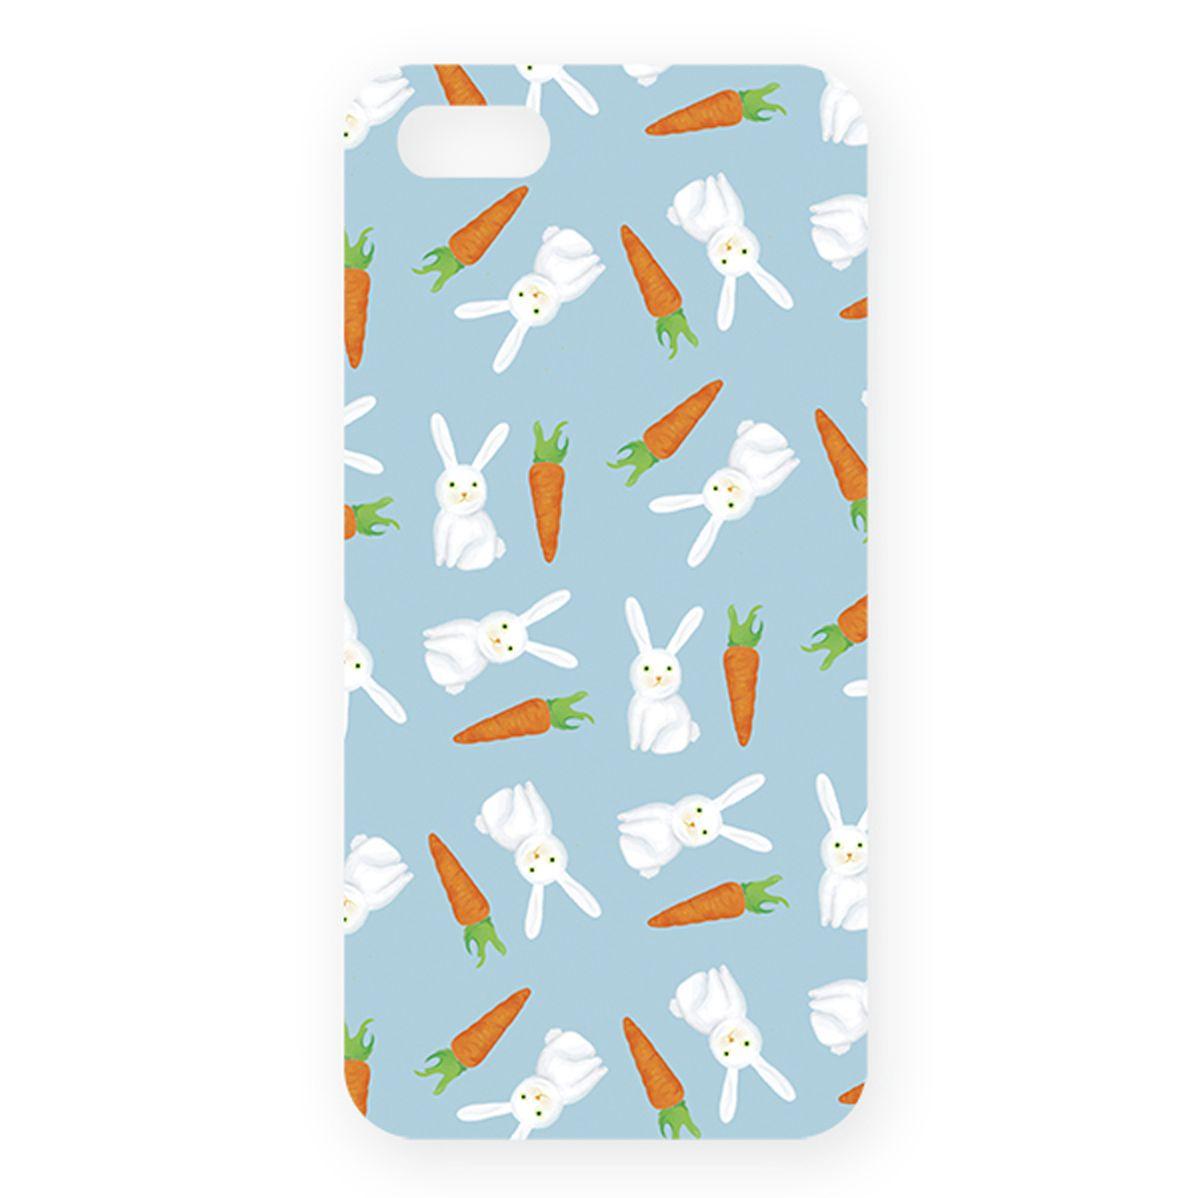 Mitya Veselkov Зайки и морковки чехол для Apple iPhone 5/5sIP5.МITYA-087Превосходный чехол Mitya Veselkov Зайки и морковки создан для любителей заметных аксессуаров. Накладка придаст вашему телефону индивидуальность и послужит прекрасной защитой от ударов и царапин. Чехол также обеспечивает свободный доступ ко всем разъемам и клавишам устройства.